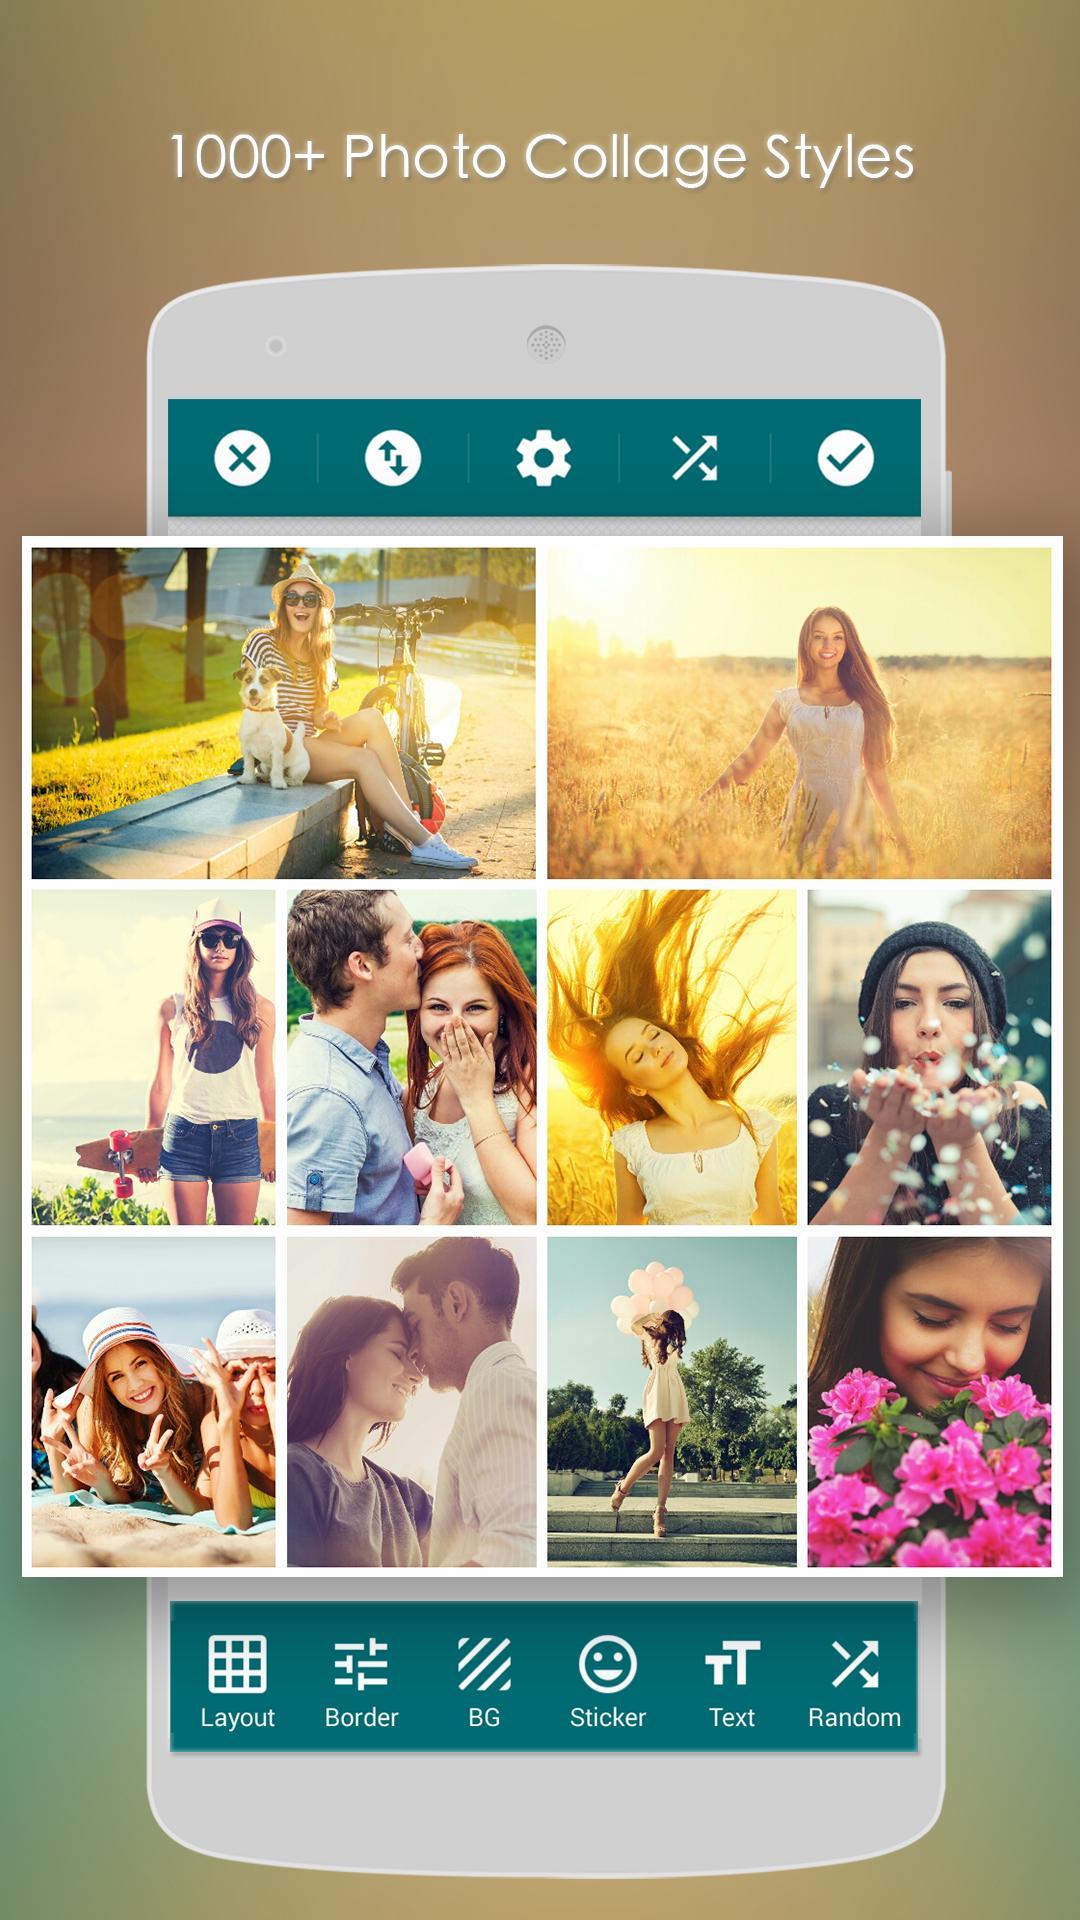 торнадо отзывы приложение зеркало фотографий какими